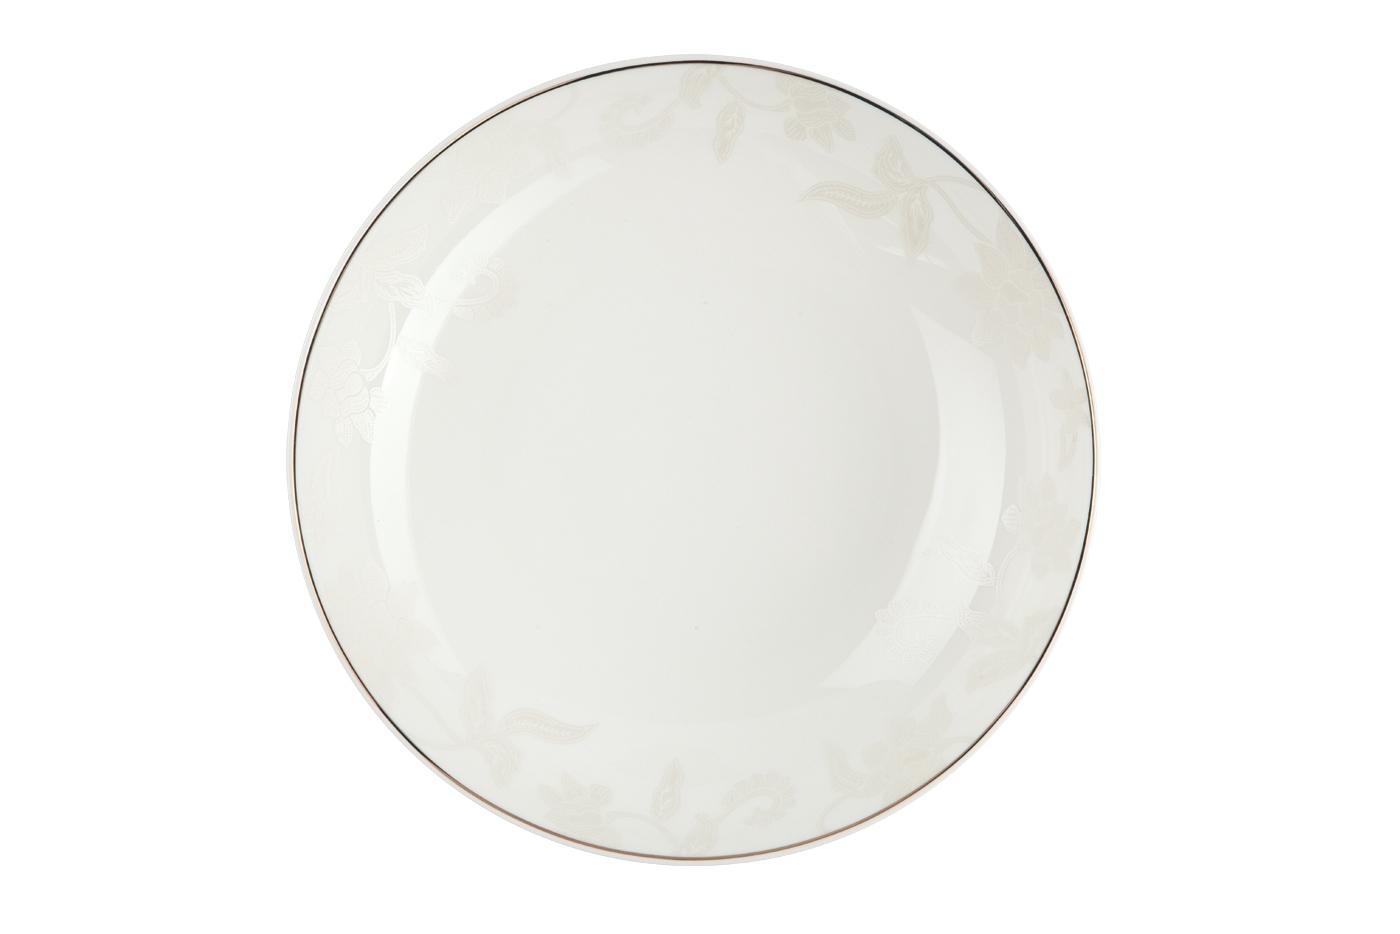 Набор из 6 тарелок суповых Royal Aurel Белый лотос (20см) арт.709Наборы тарелок<br>Набор из 6 тарелок суповых Royal Aurel Белый лотос (20см) арт.709<br>Производить посуду из фарфора начали в Китае на стыке 6-7 веков. Неустанно совершенству и селективно отбира сырье дл производства посуды из фарфора, мастерам удалось добитьс выдащихс характеристик фарфора: белизны и тонкостенности. В XV веке повилс особый интерес к китайской фарфоровой посуде, так как в то врем Европе возникла мода на самобытные китайские вещи. Роскошный китайский фарфор вллс изыском и был в новинку, потому он выступал в качестве подарка королм, а также знатным лдм. Такой дорогой подарок был очень престижен и по праву вллс литной посудой. Как известно из многочисленных исторических документов, в Европе китайские издели из фарфора ценились практически как золото. <br>Проверка изделий из костного фарфора на подлинность <br>По сравнени с производством других видов фарфора процесс производства изделий из настощего костного фарфора сложен и весьма длителен. Посуда из изщного фарфора - то литна посуда, котора всегда ассоциируетс с богатством, величием и благородством. Несмотр на небольшу толщину, фарфорова посуда - то очень прочное изделие. Дл демонстрации плотности и прочности фарфора можно легко коснутьс предметов посуды из фарфора деревнной палочкой, и тогда мы услушим характерный металлический звон. В составе фарфоровой посуды присутствует костна зола, благодар чему она может быть намного тоньше (не более 2,5 мм) и легче твердого или мгкого фарфора. Безупречна белизна - клчевой признак отличи такого фарфора от других. Цвет обычного фарфора сероватый или ближе к голубоватому, а костной фарфор будет всегда будет молочно-белого цвета. Характерна и немаловажна деталь - то невесома прозрачность изделий из фарфора така, что сквозь него проходит свет.<br>